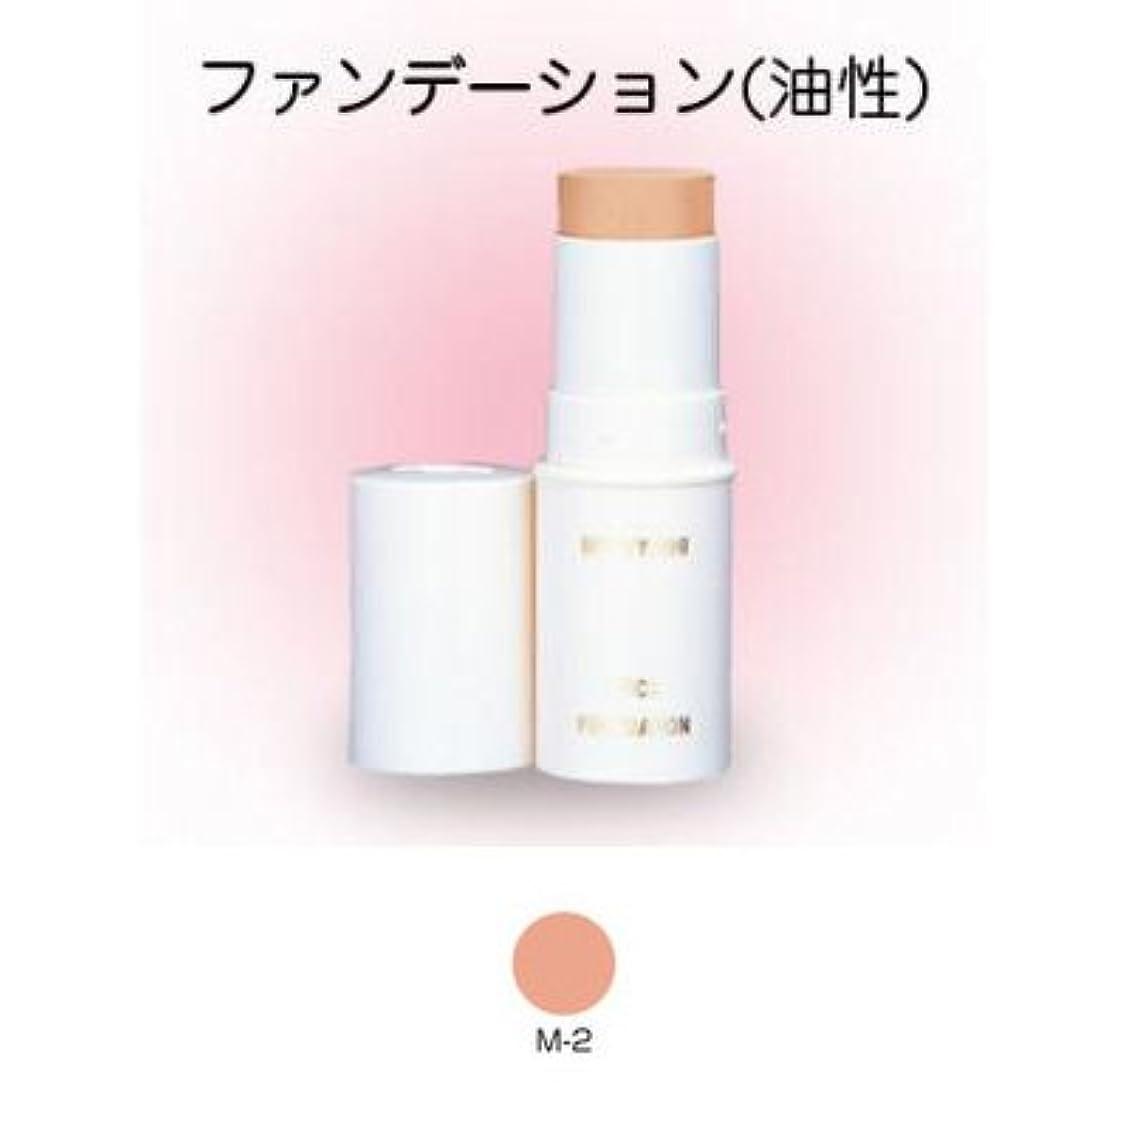 更新する商品フクロウスティックファンデーション 16g M-2 【三善】